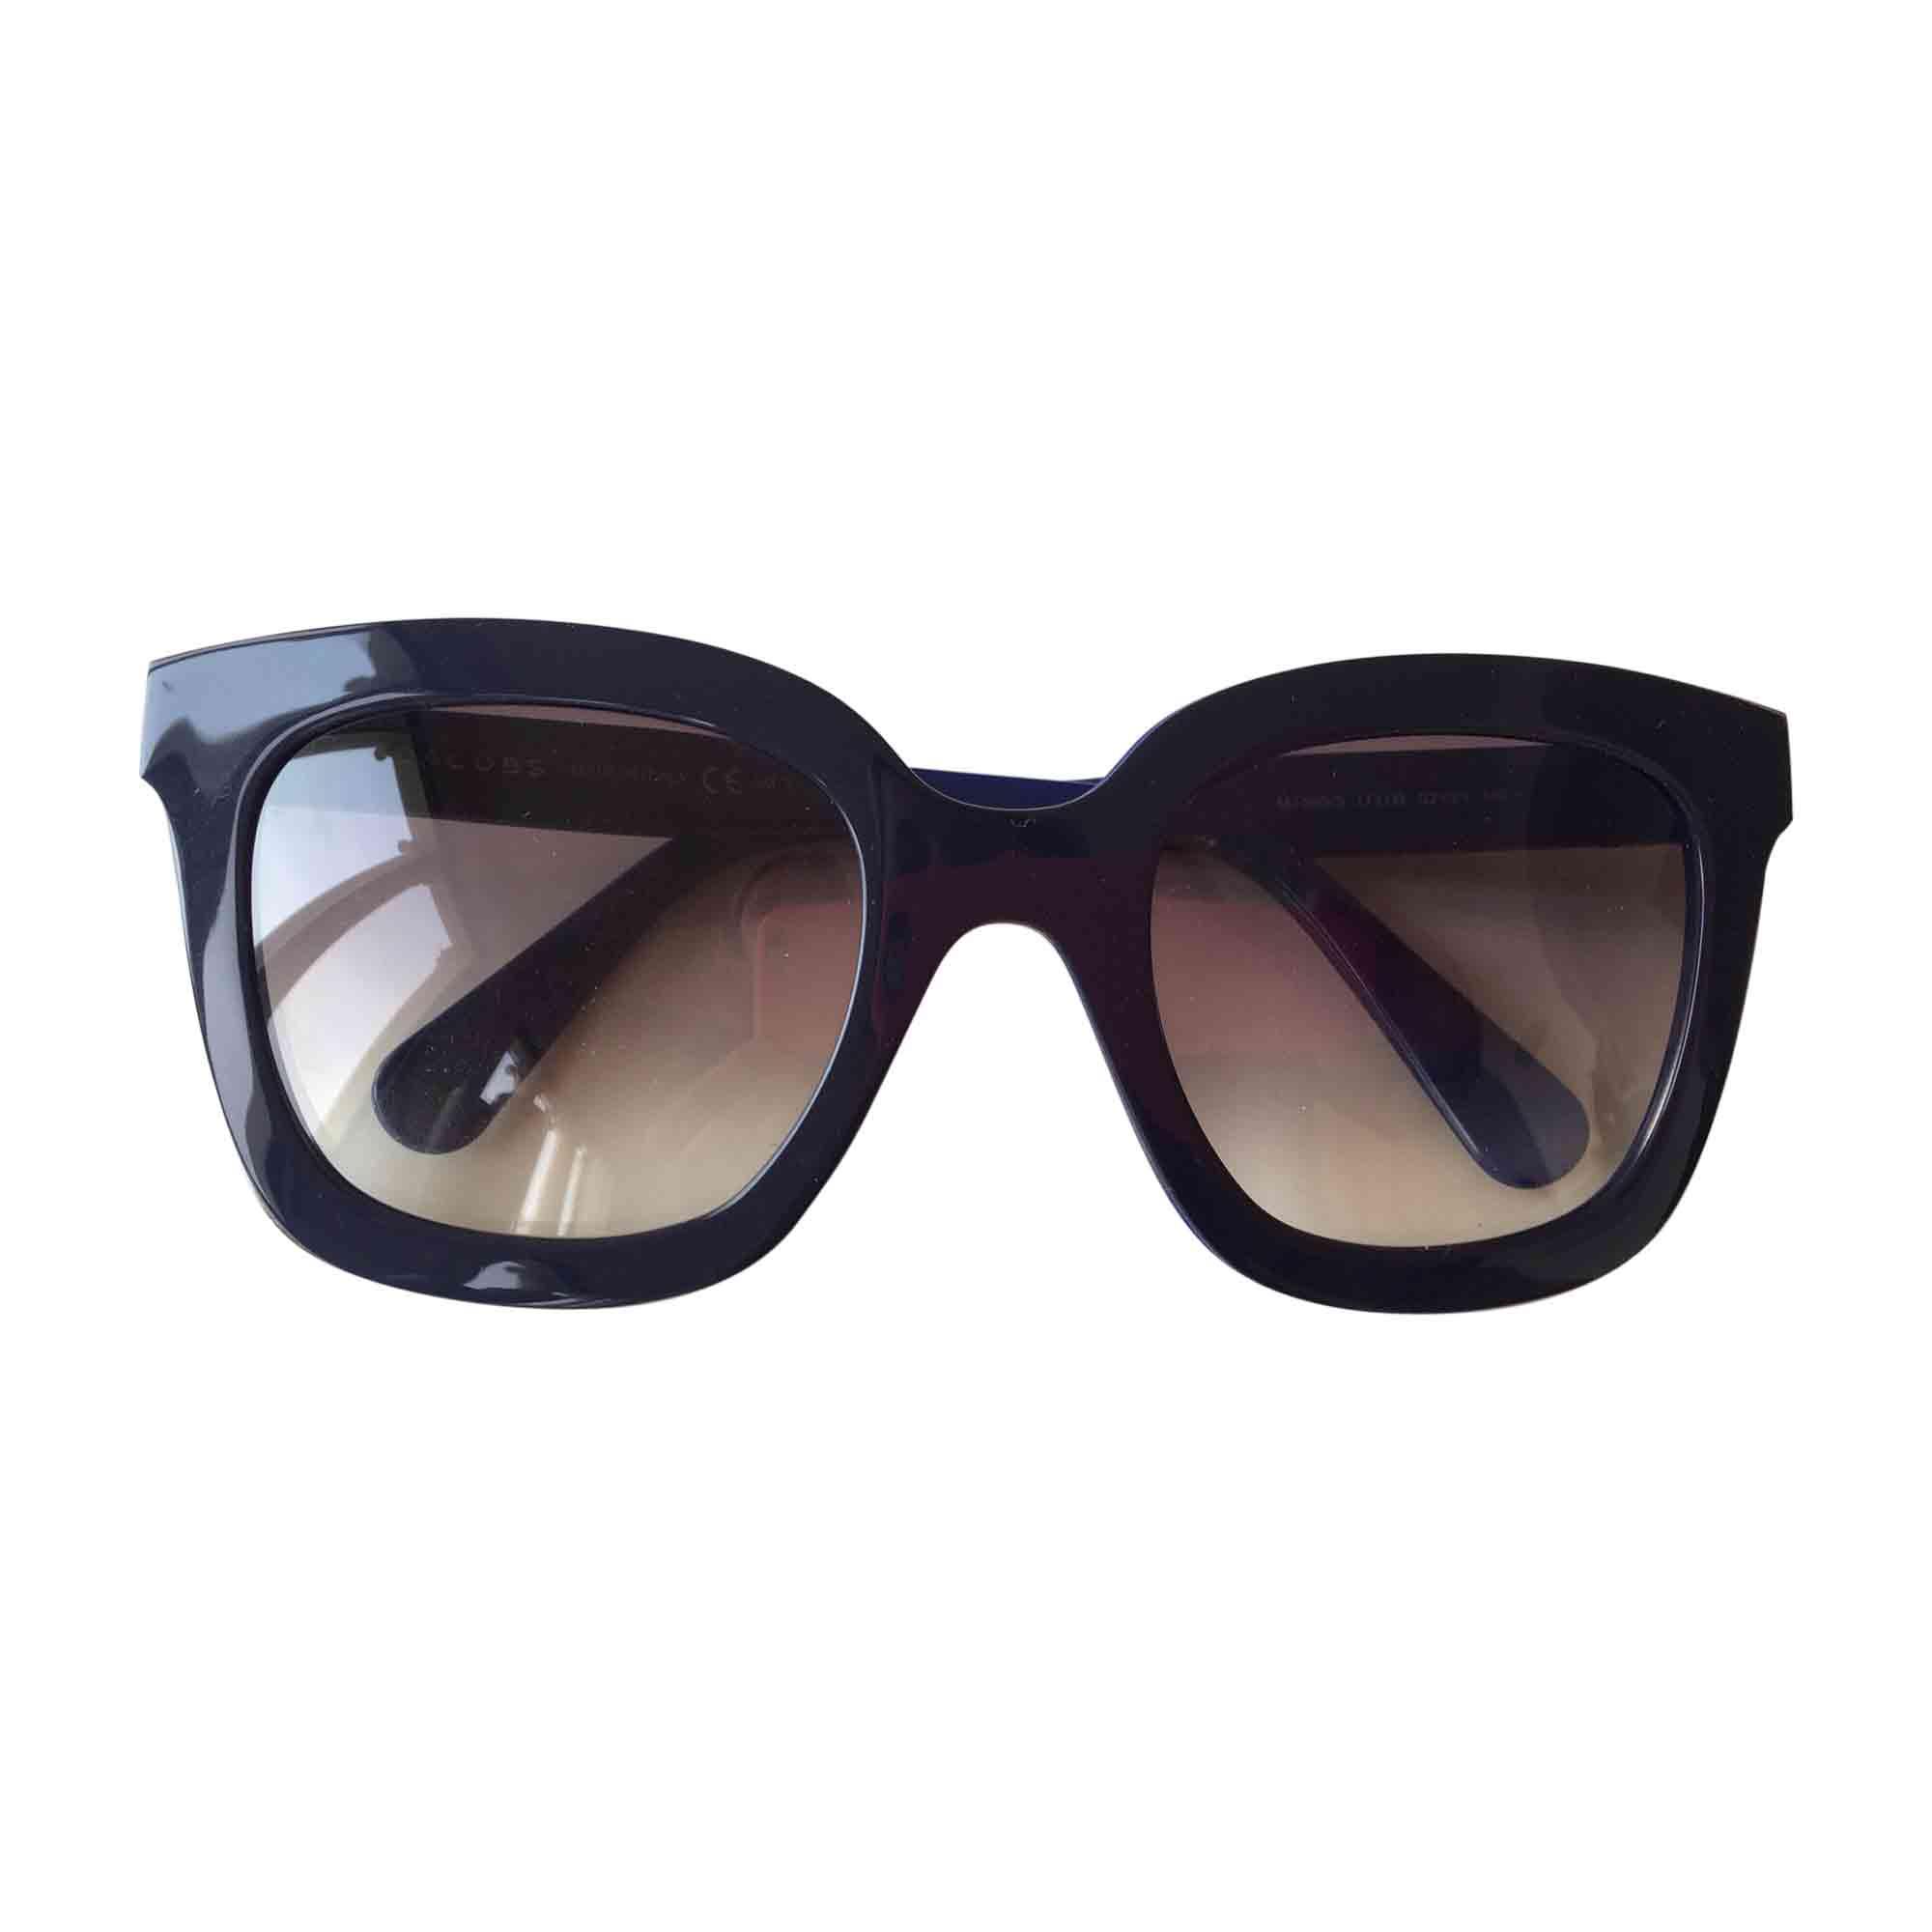 Sonnenbrille MARC JACOBS blau vendu par Isachem - 7617467